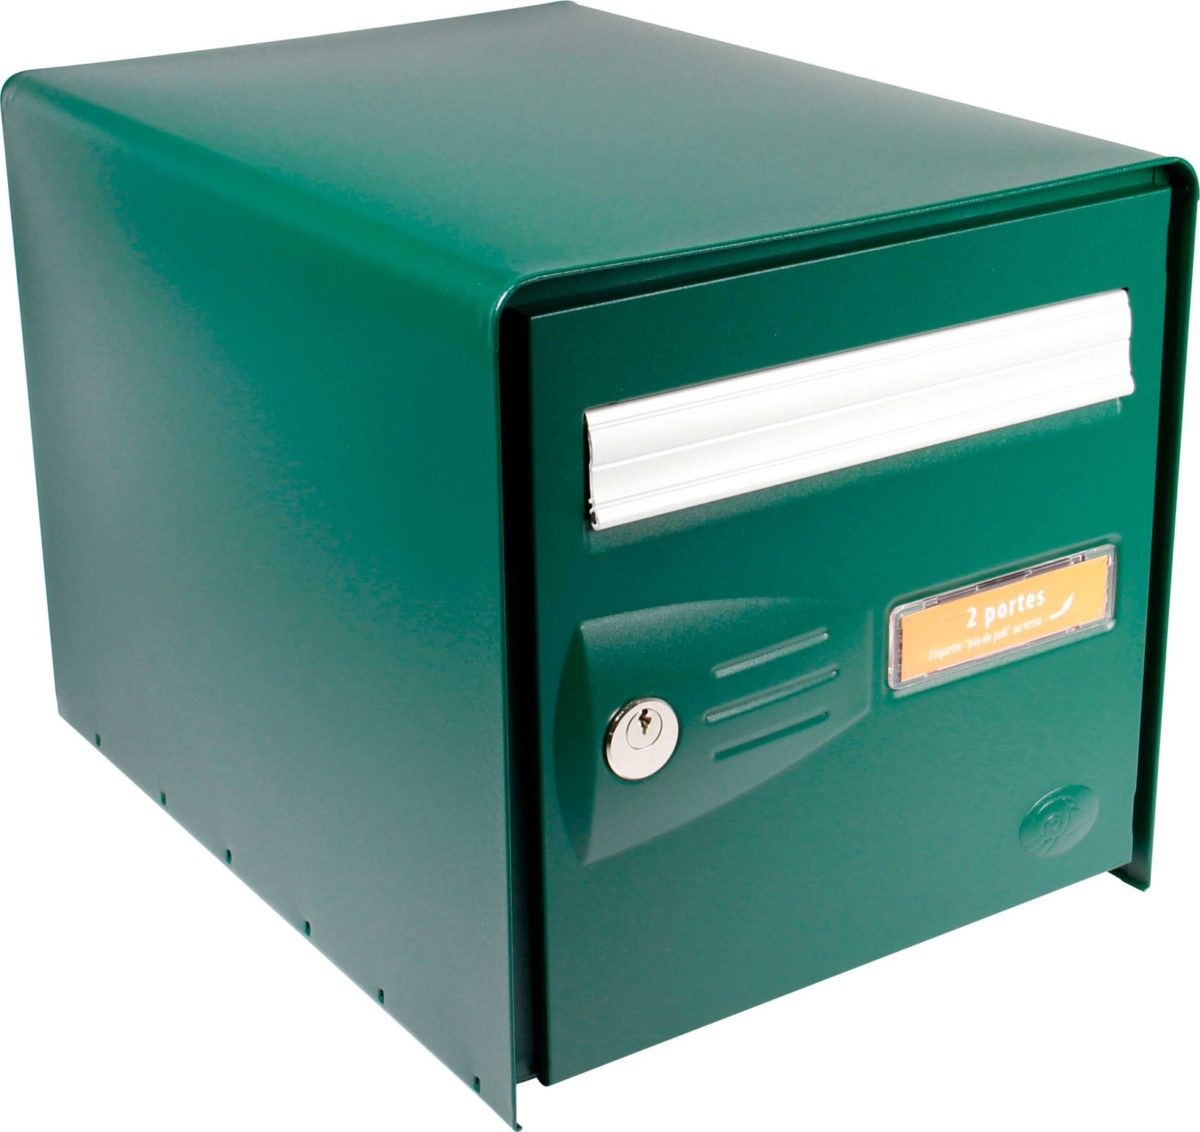 Plaque boite aux lettres : un objet unique